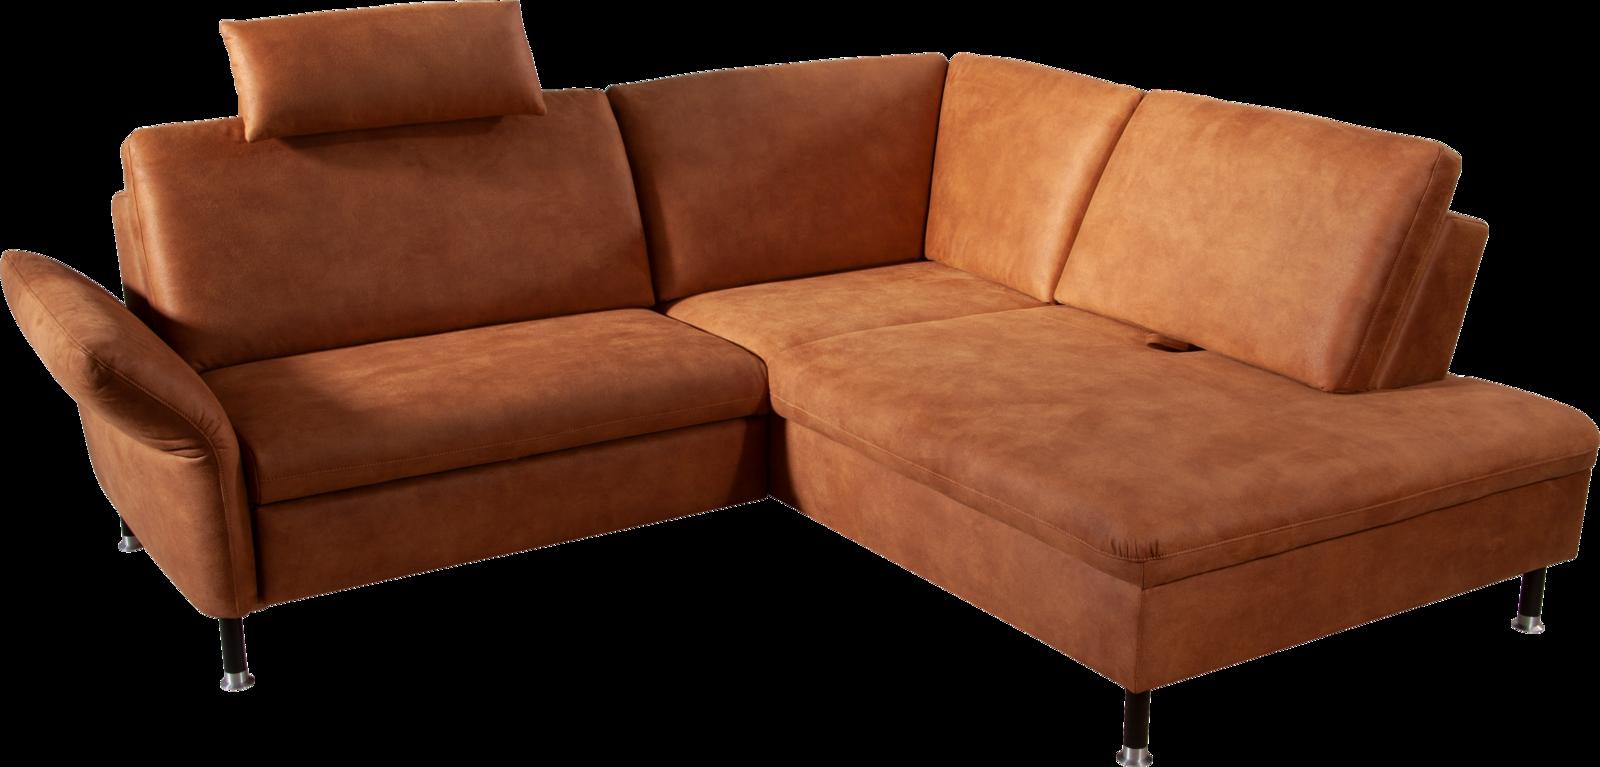 Ecksofa mit braunem Stoff und verstellbaren Sitzfunktionen